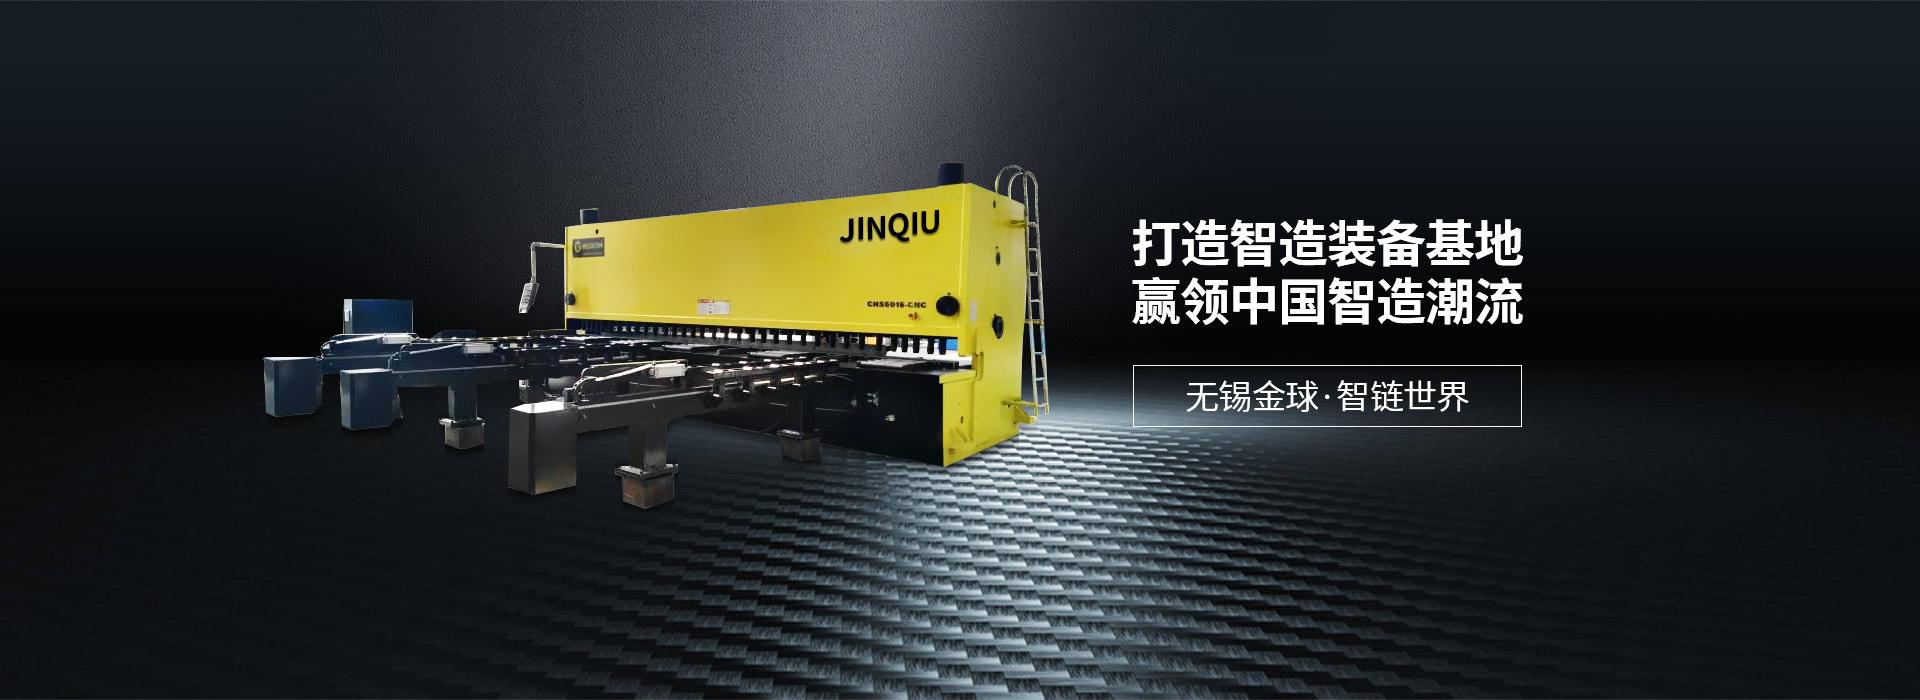 打造智能装备基地,赢领中国智能智造潮流